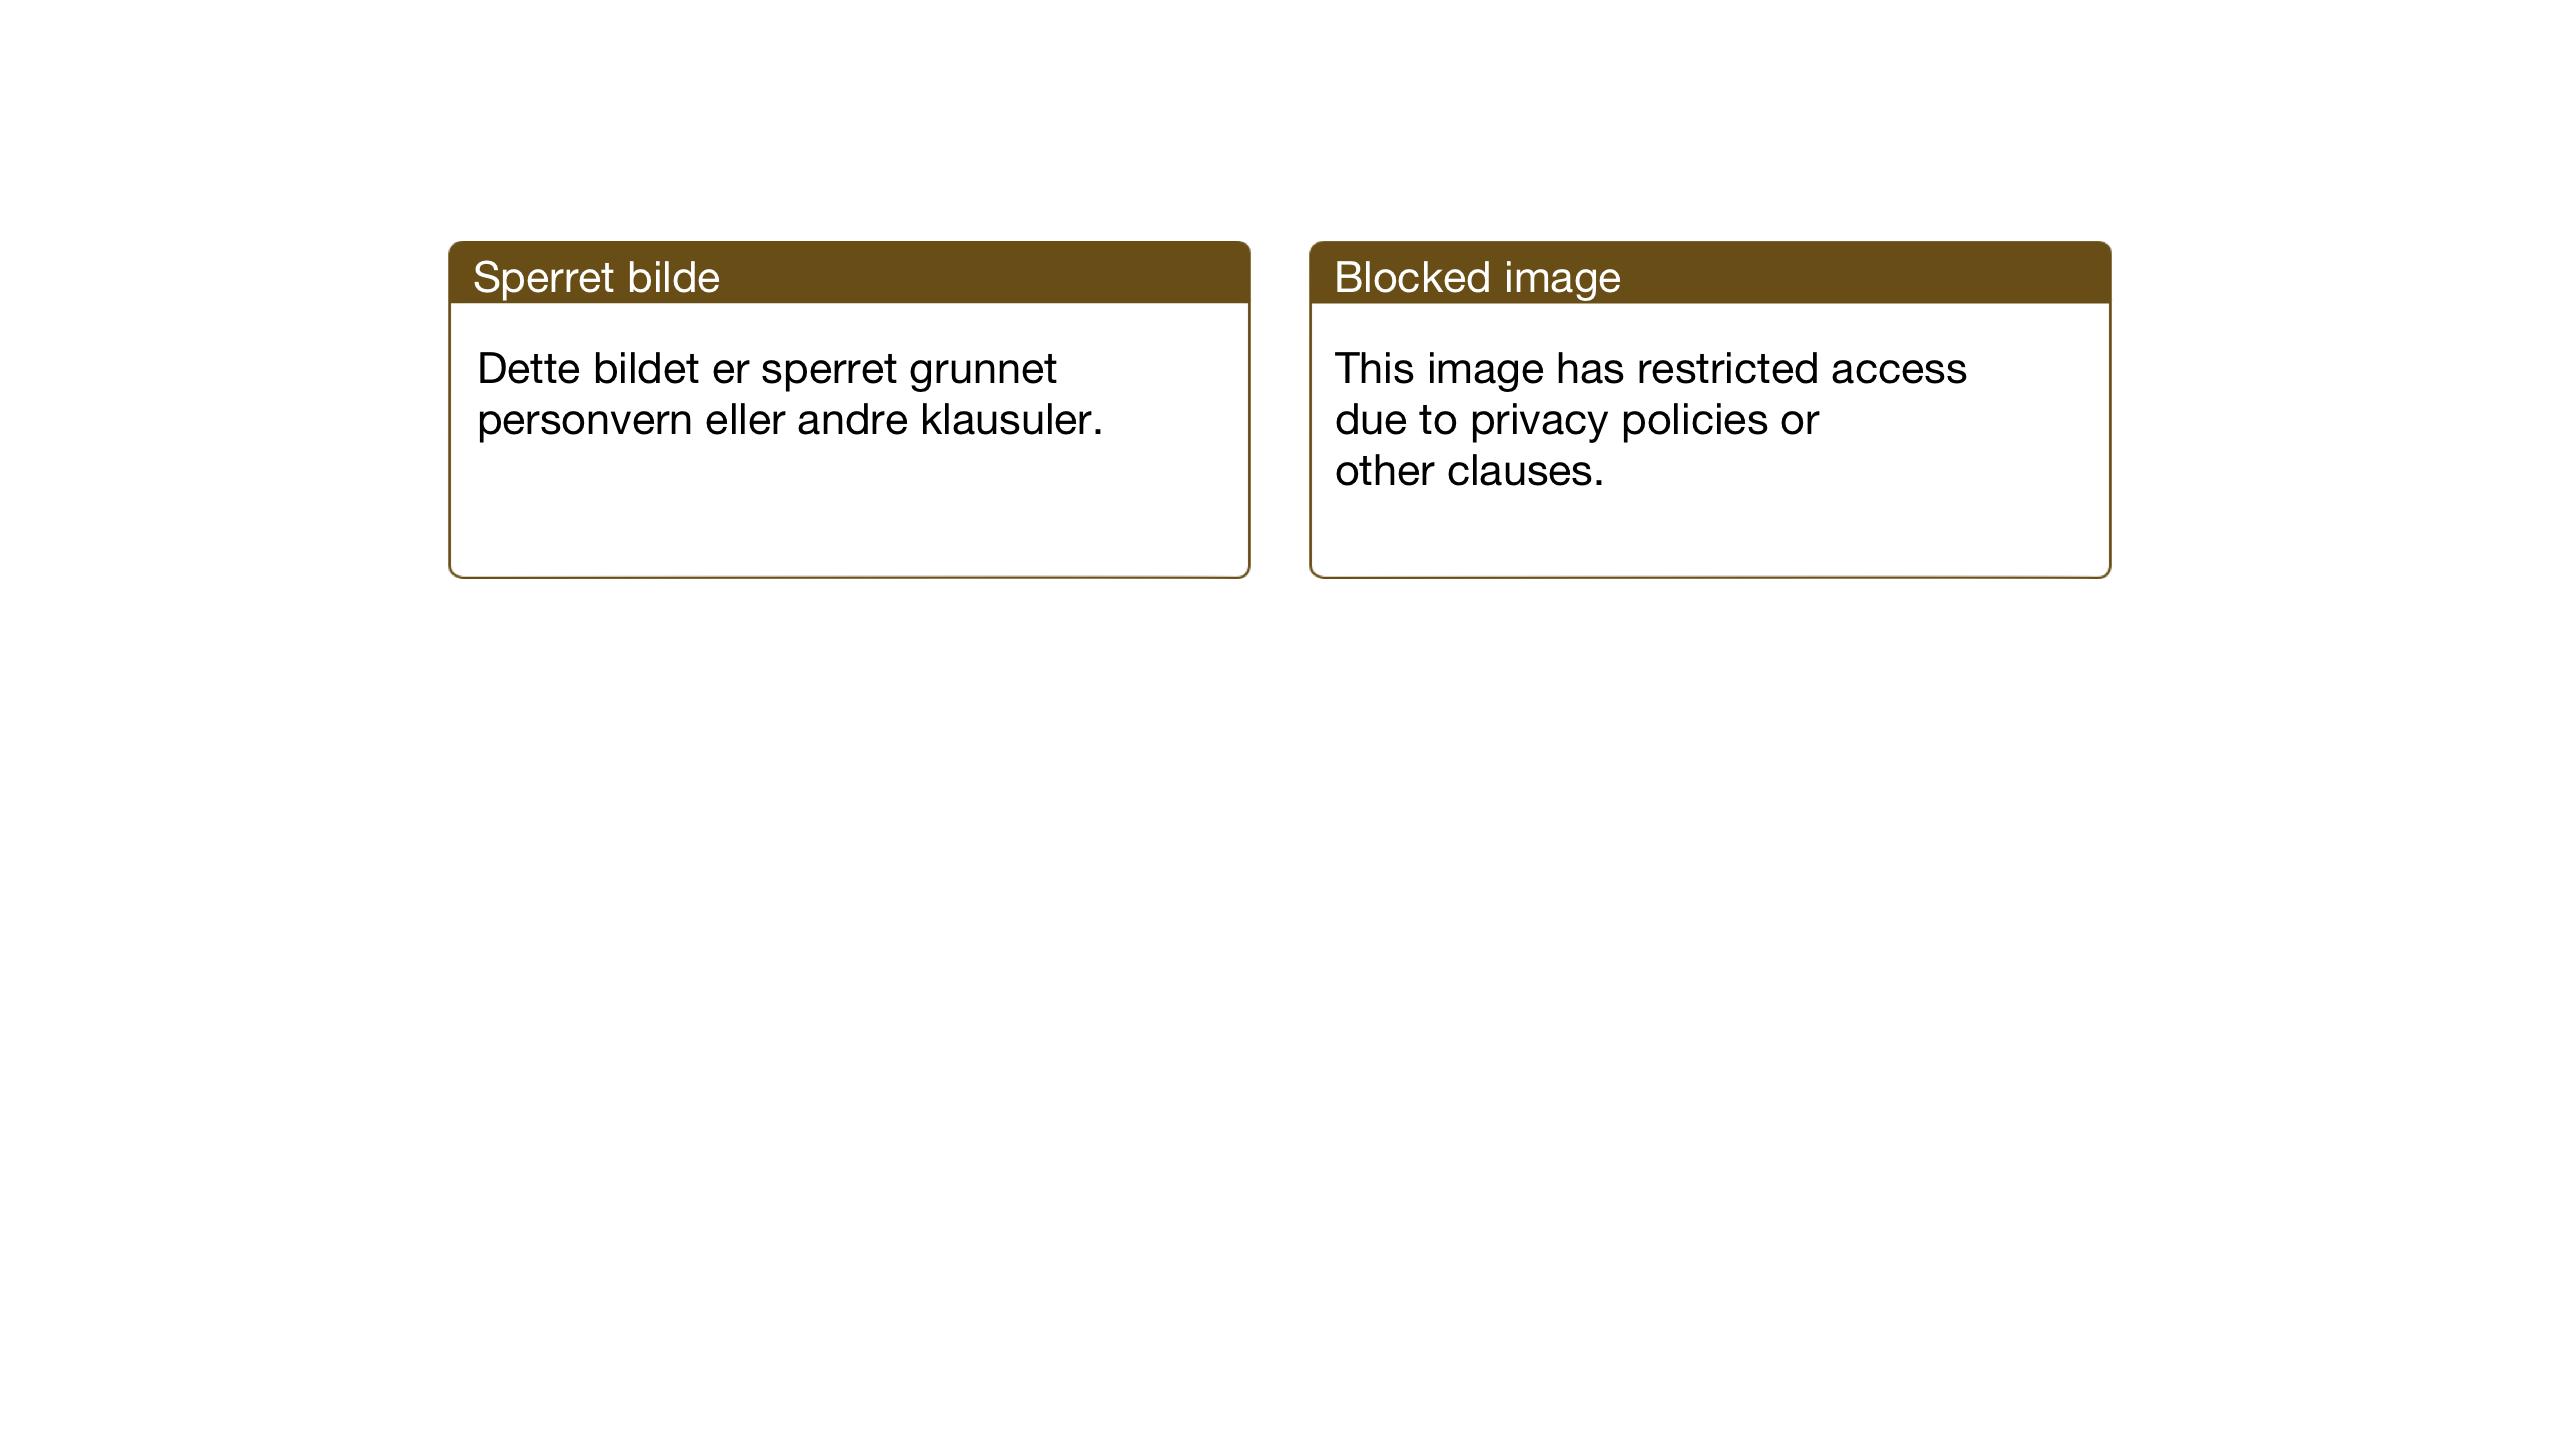 SAT, Ministerialprotokoller, klokkerbøker og fødselsregistre - Sør-Trøndelag, 633/L0521: Klokkerbok nr. 633C03, 1921-1941, s. 40